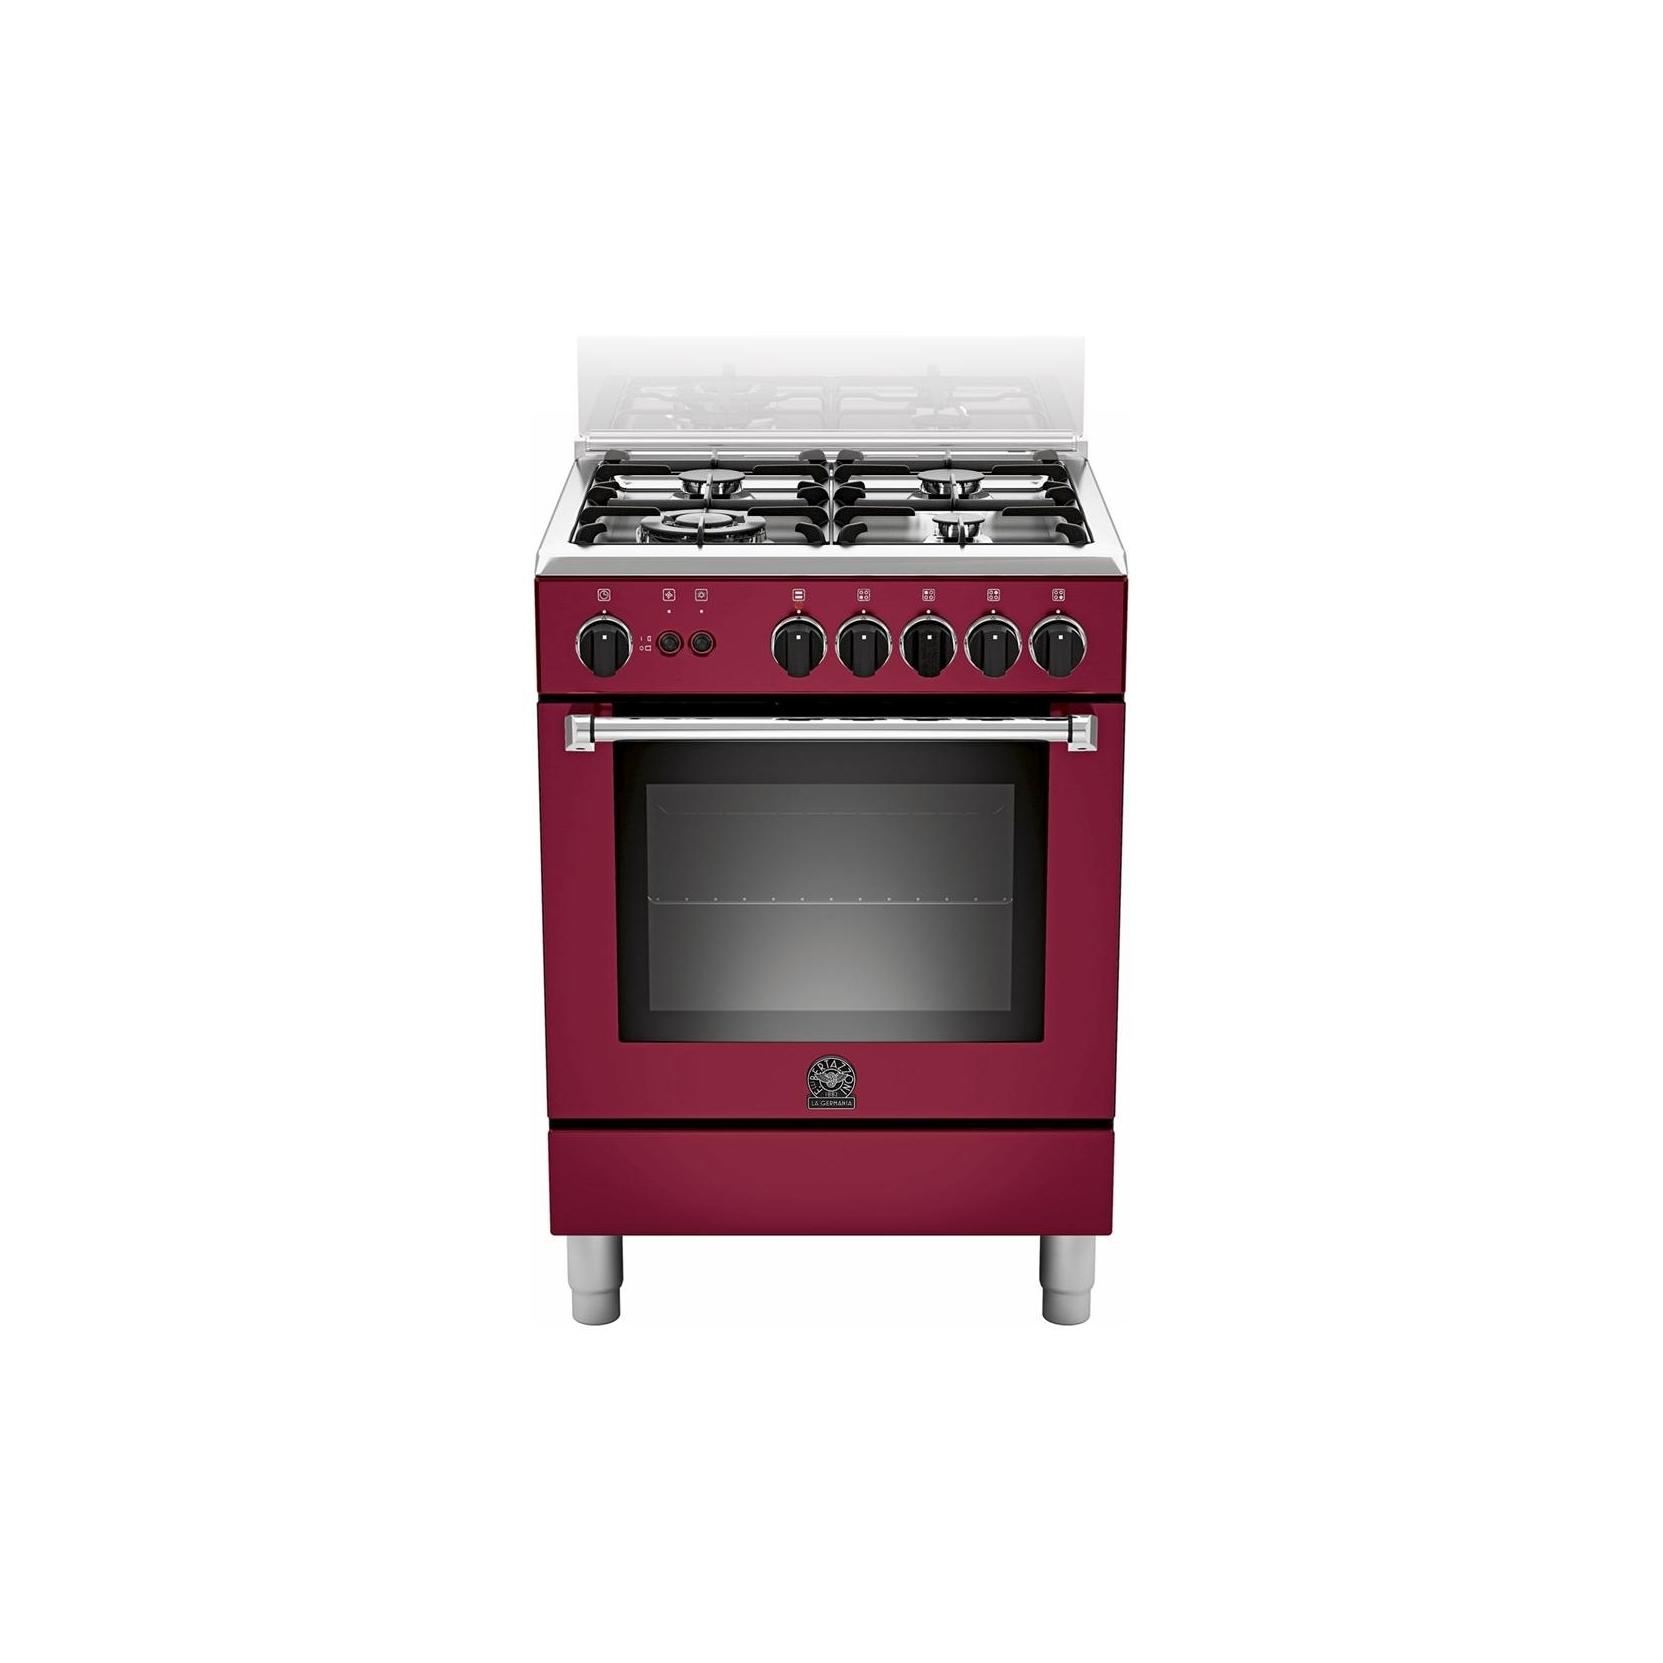 La germania cucina am64c71cvi 4 fuochi a gas colore vino 60x60 cm forno a gas elettrovillage - Cucine a gas la germania ...